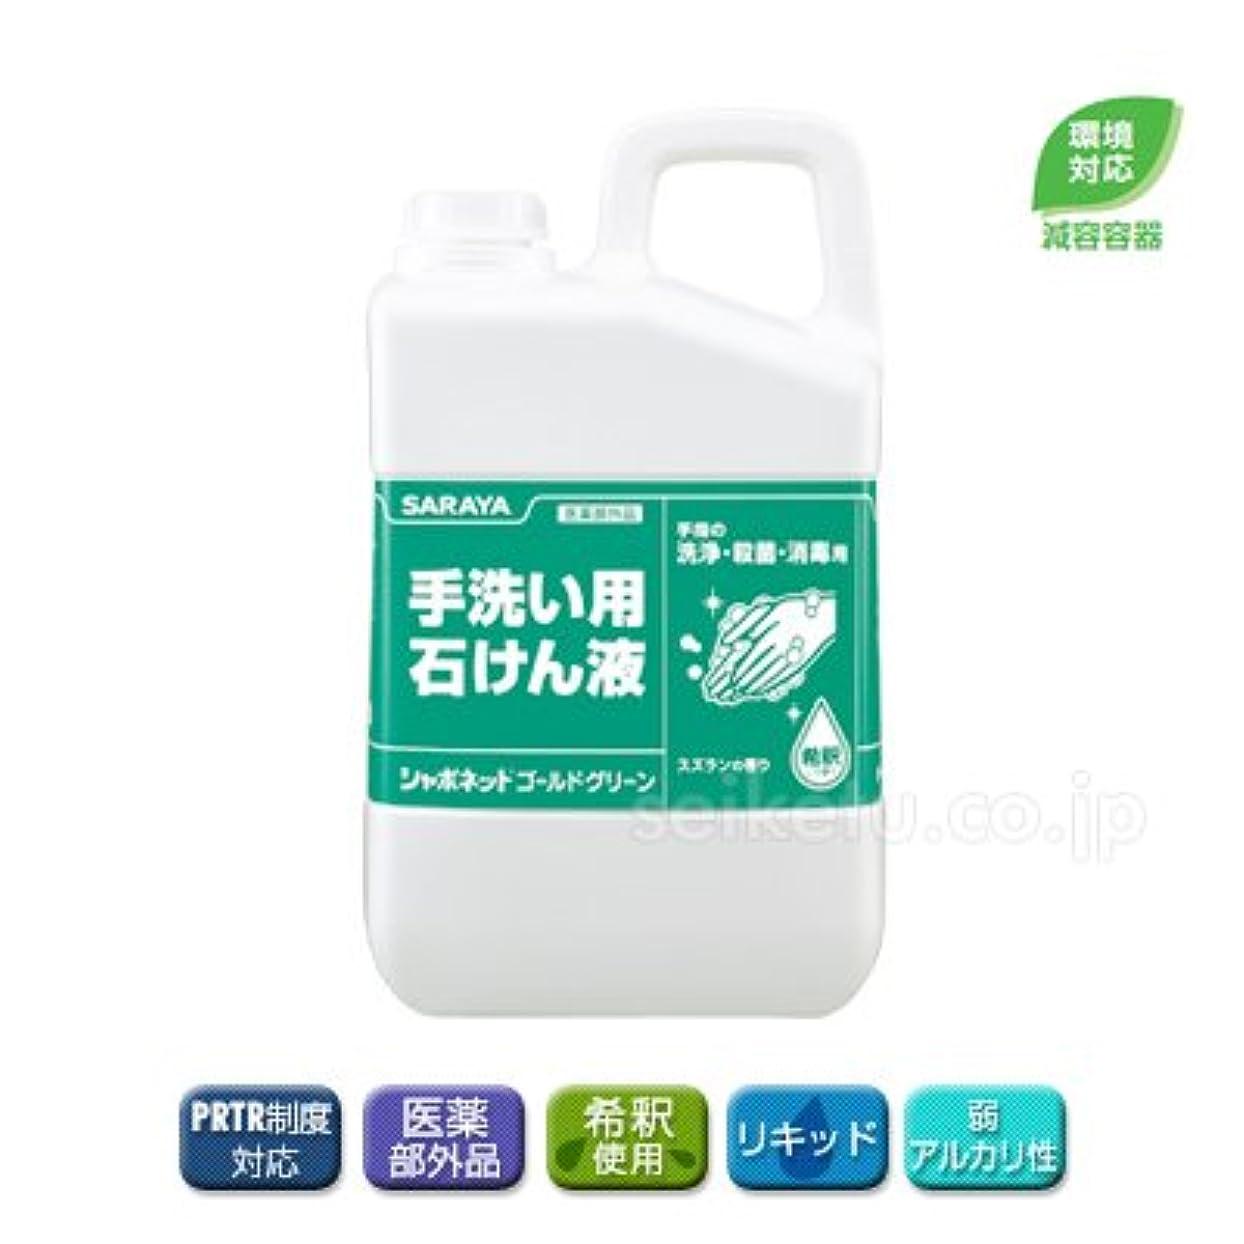 カメ刃競争力のある【清潔キレイ館】サラヤ シャボネットゴールドグリーン(3kg)